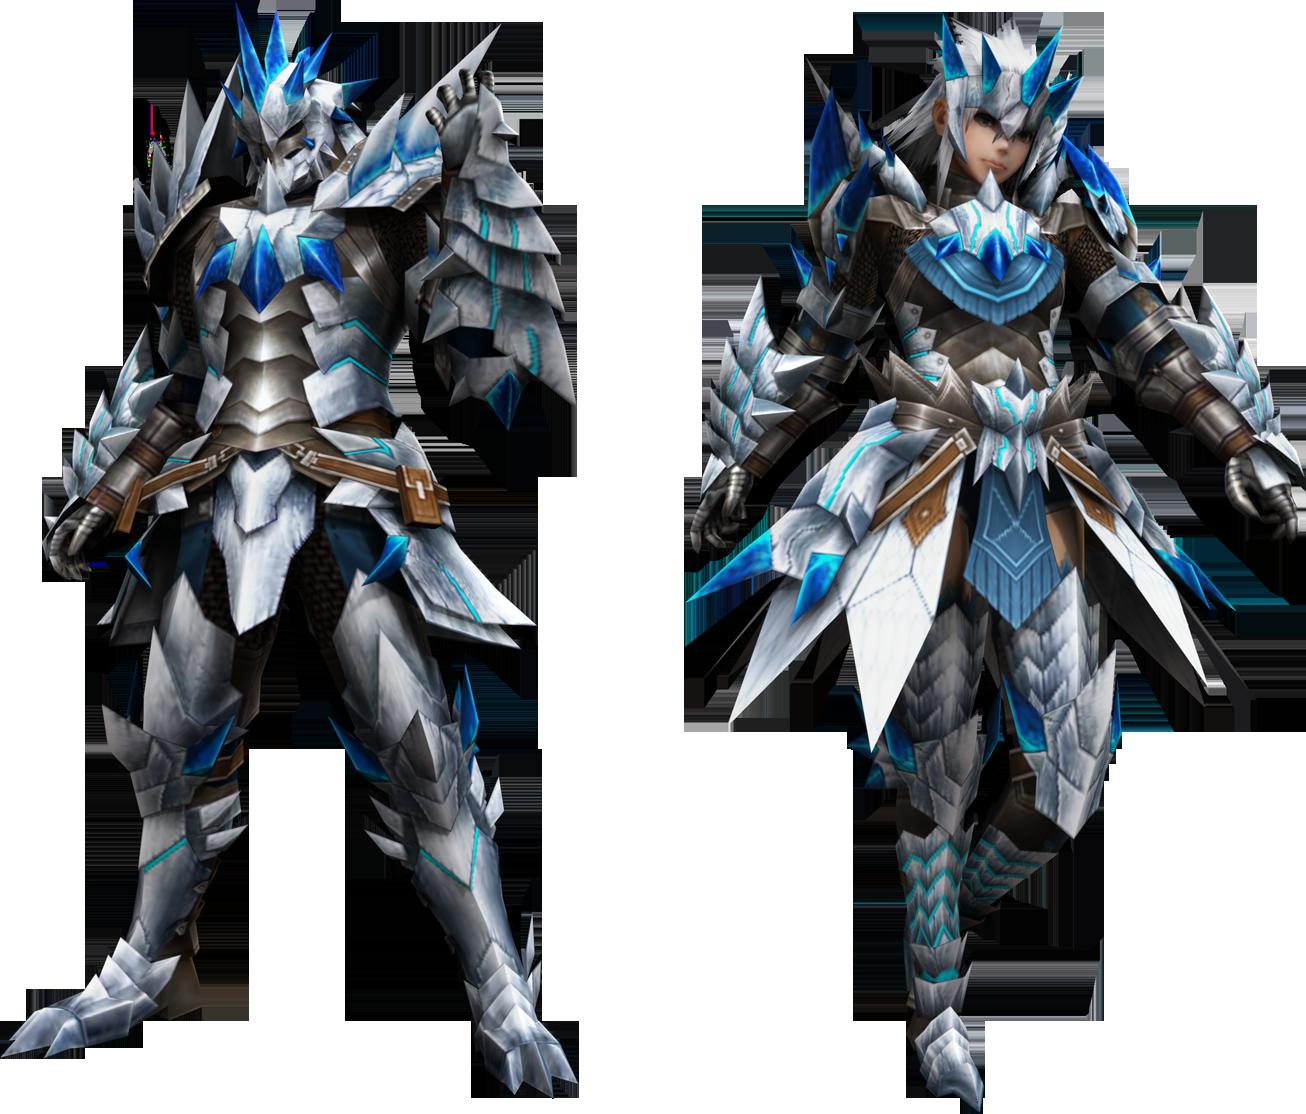 Male And Female Altera Armor Monster Hunter Monster Hunter